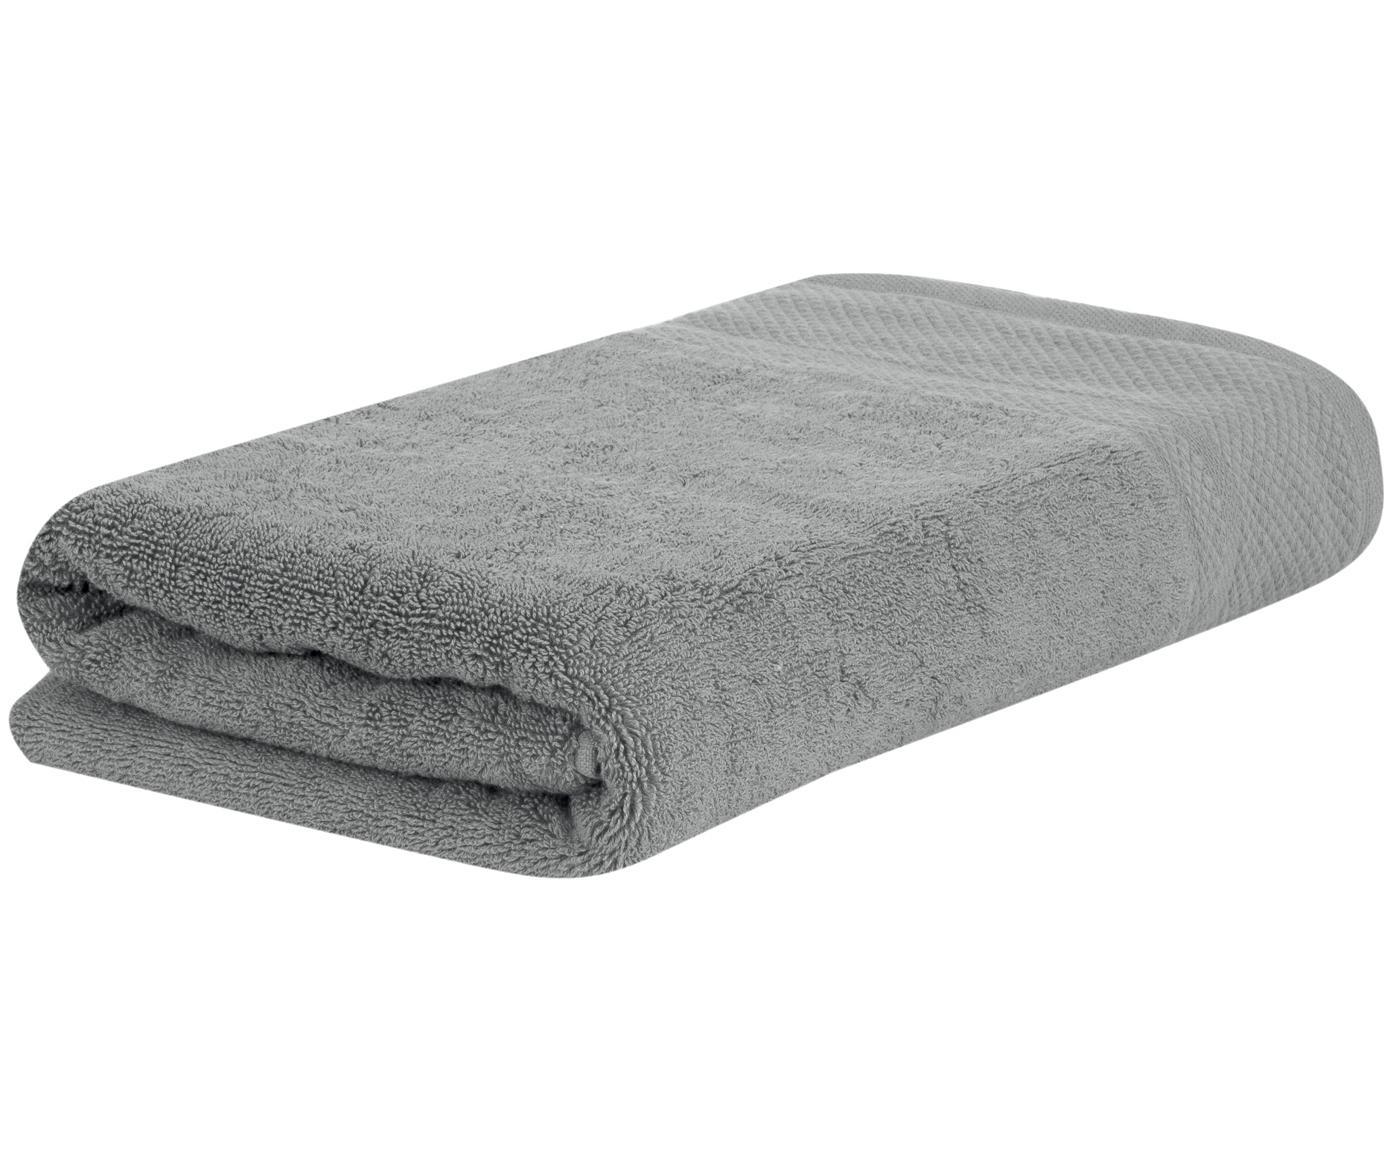 Toalla con cenefa clásica Premium, 100%algodón Gramaje superior 600g/m², Gris oscuro, Toallas tocador